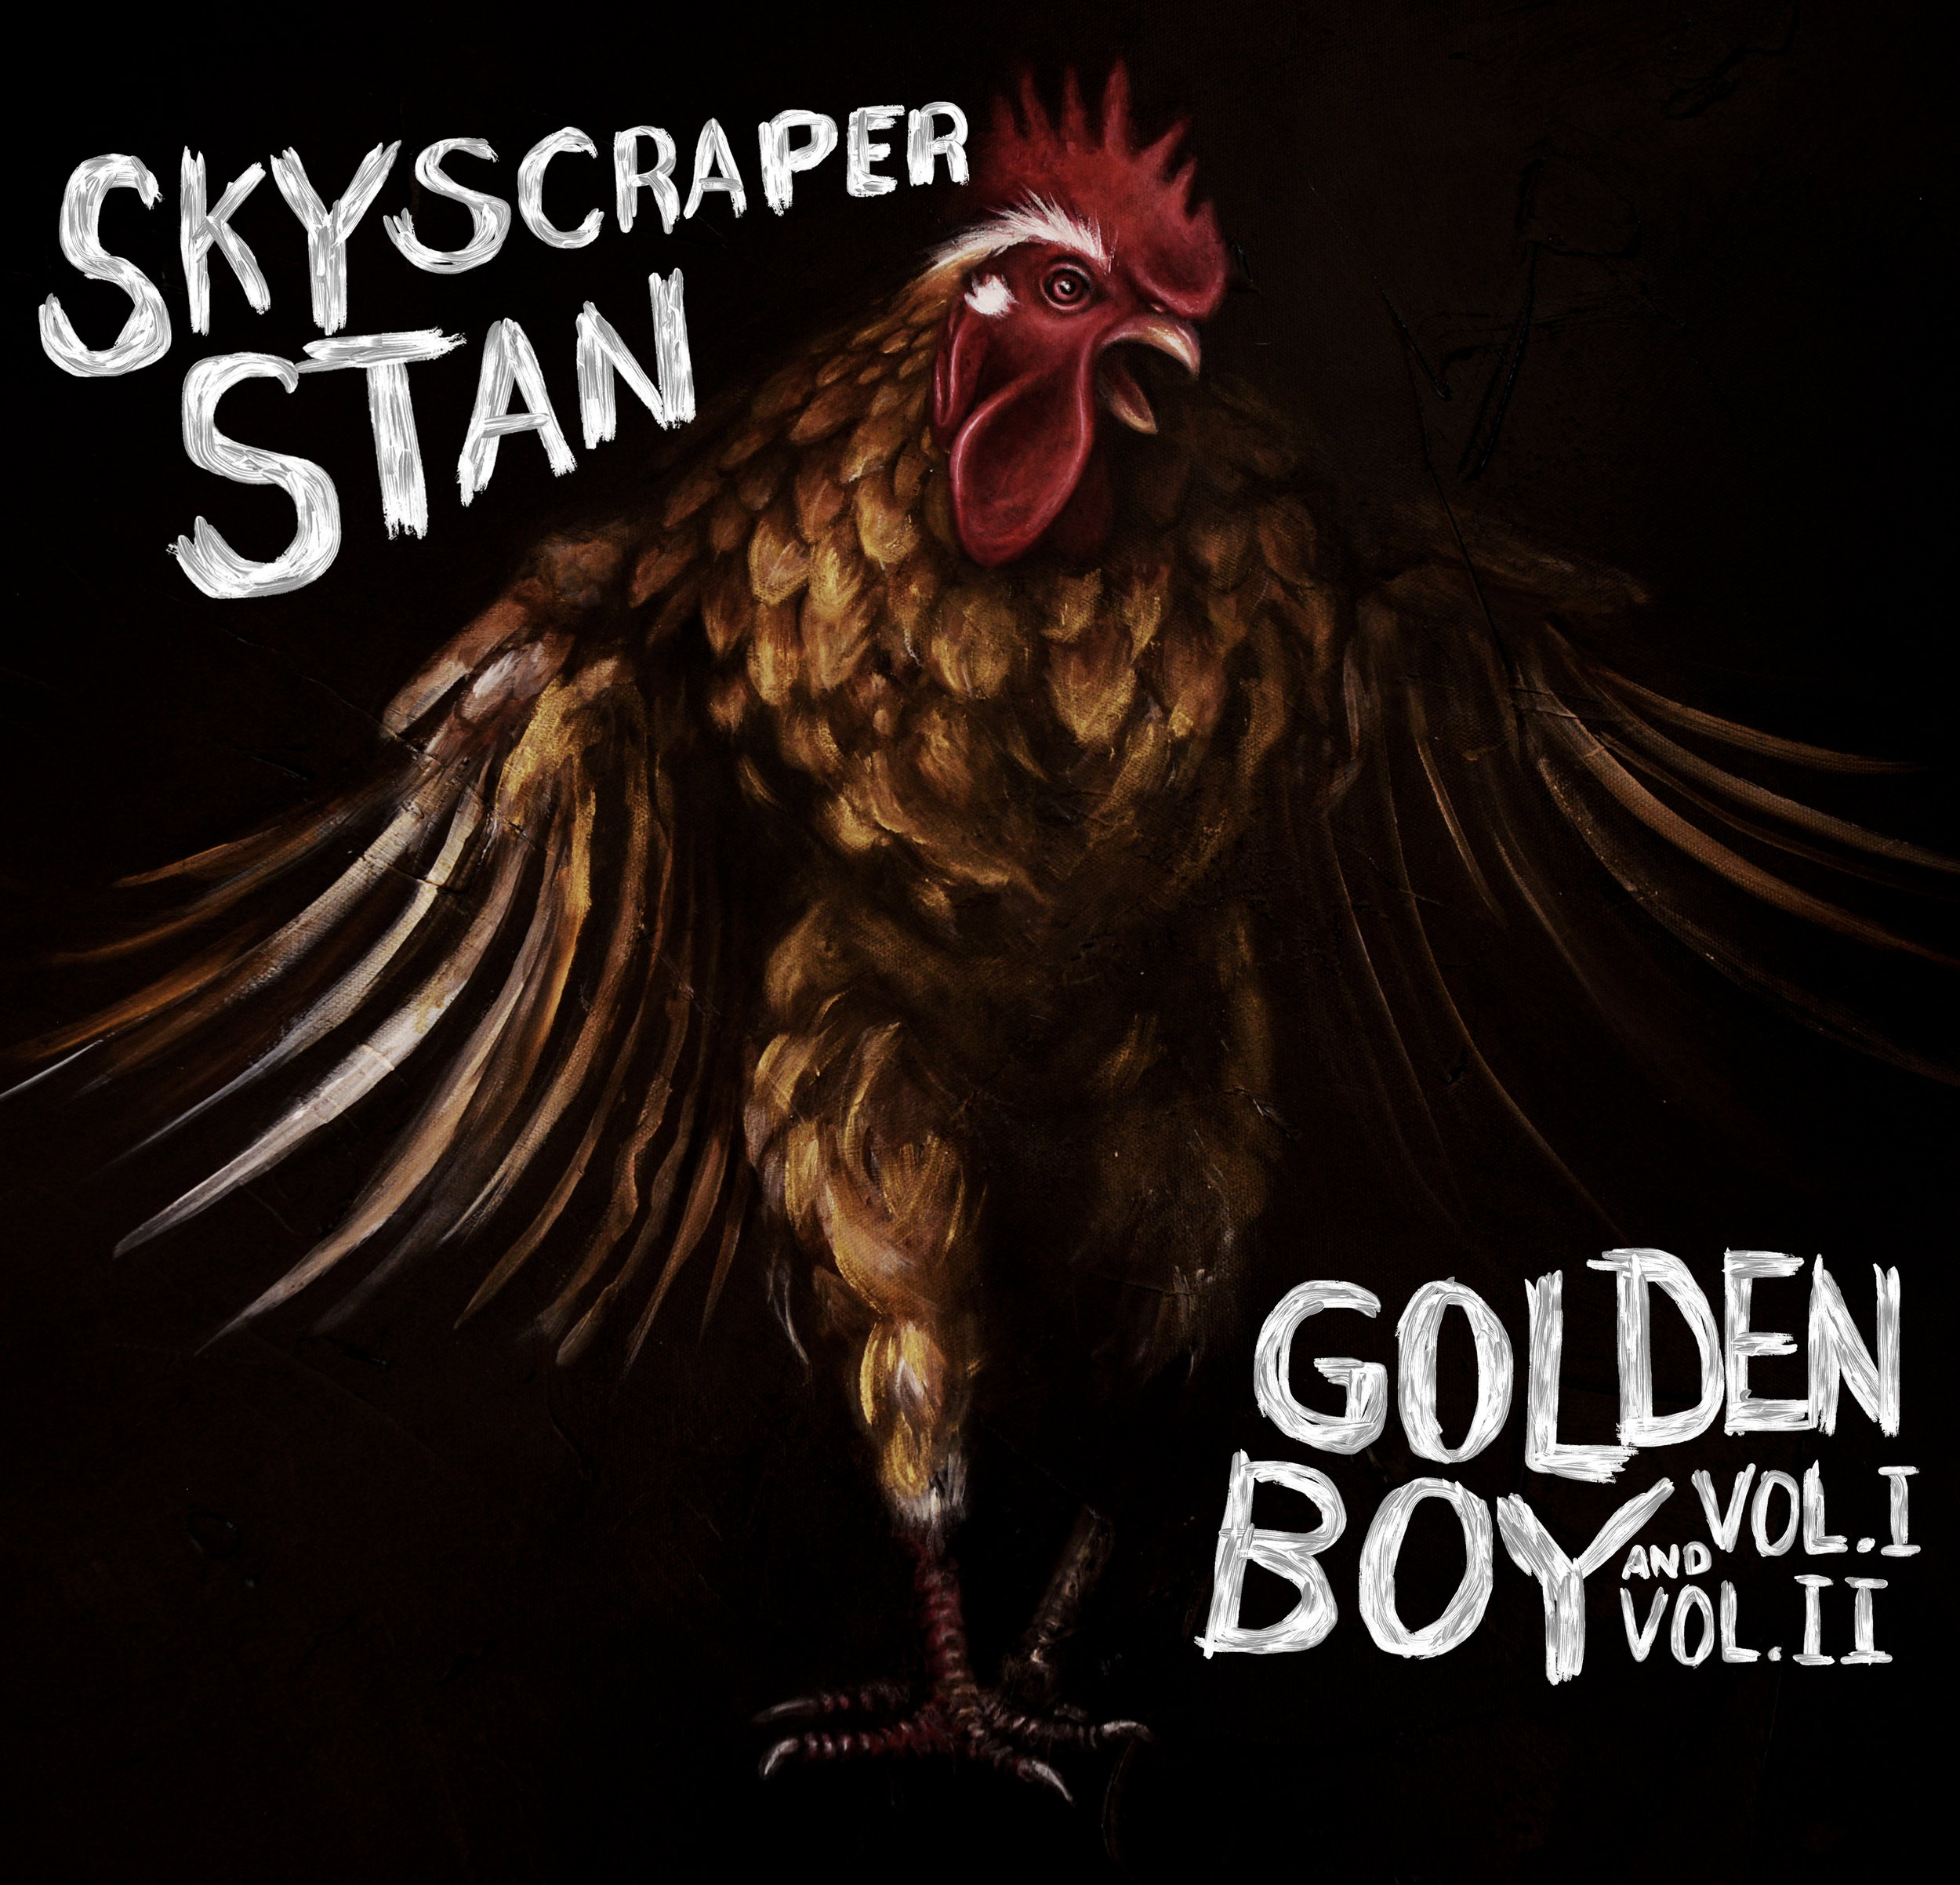 Skyscraper Stan - Golden Boy.jpg